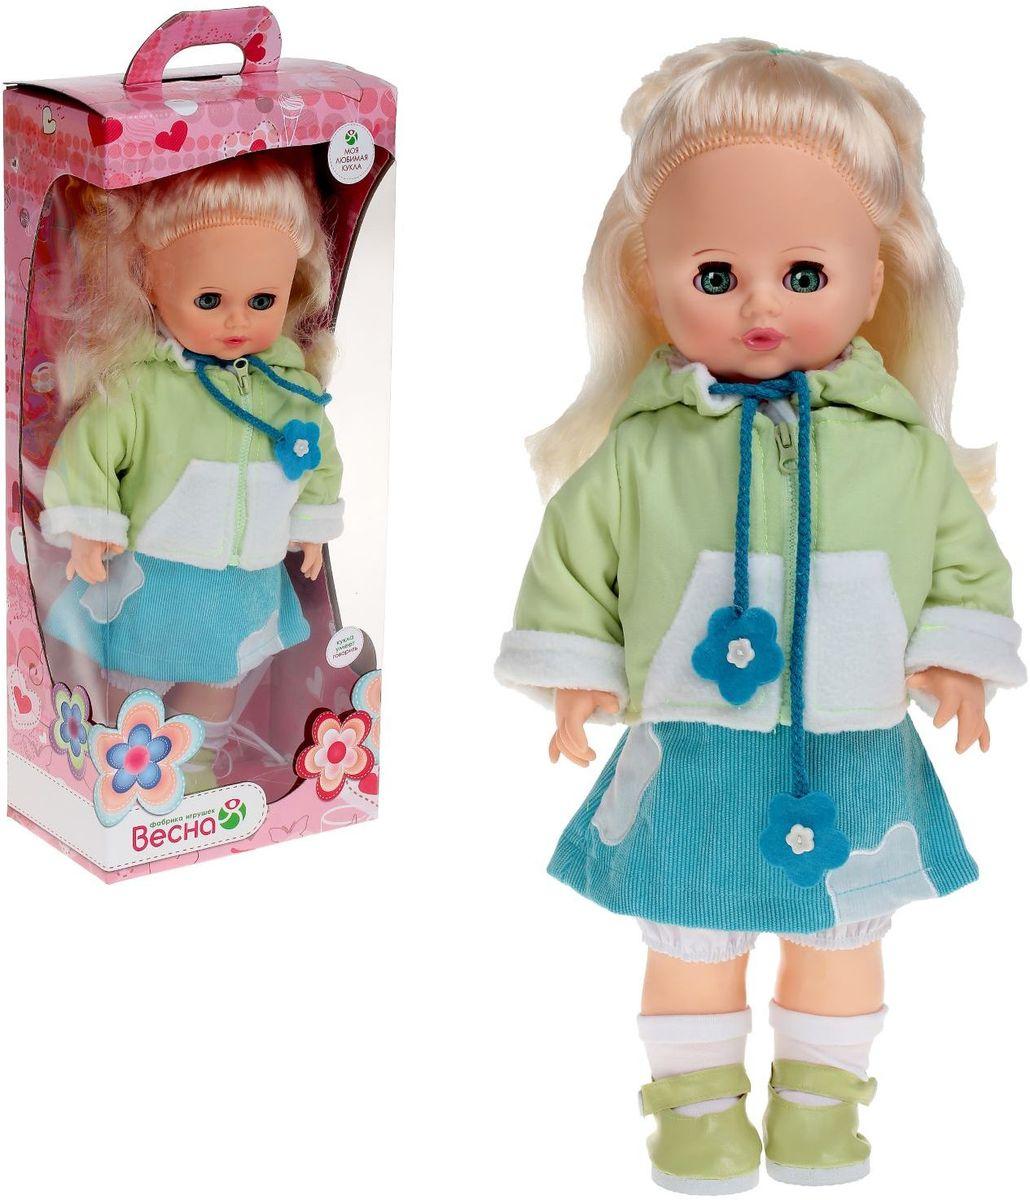 Весна Кукла озвученная Инна цвет одежды голубой светло-зеленый - Куклы и аксессуары